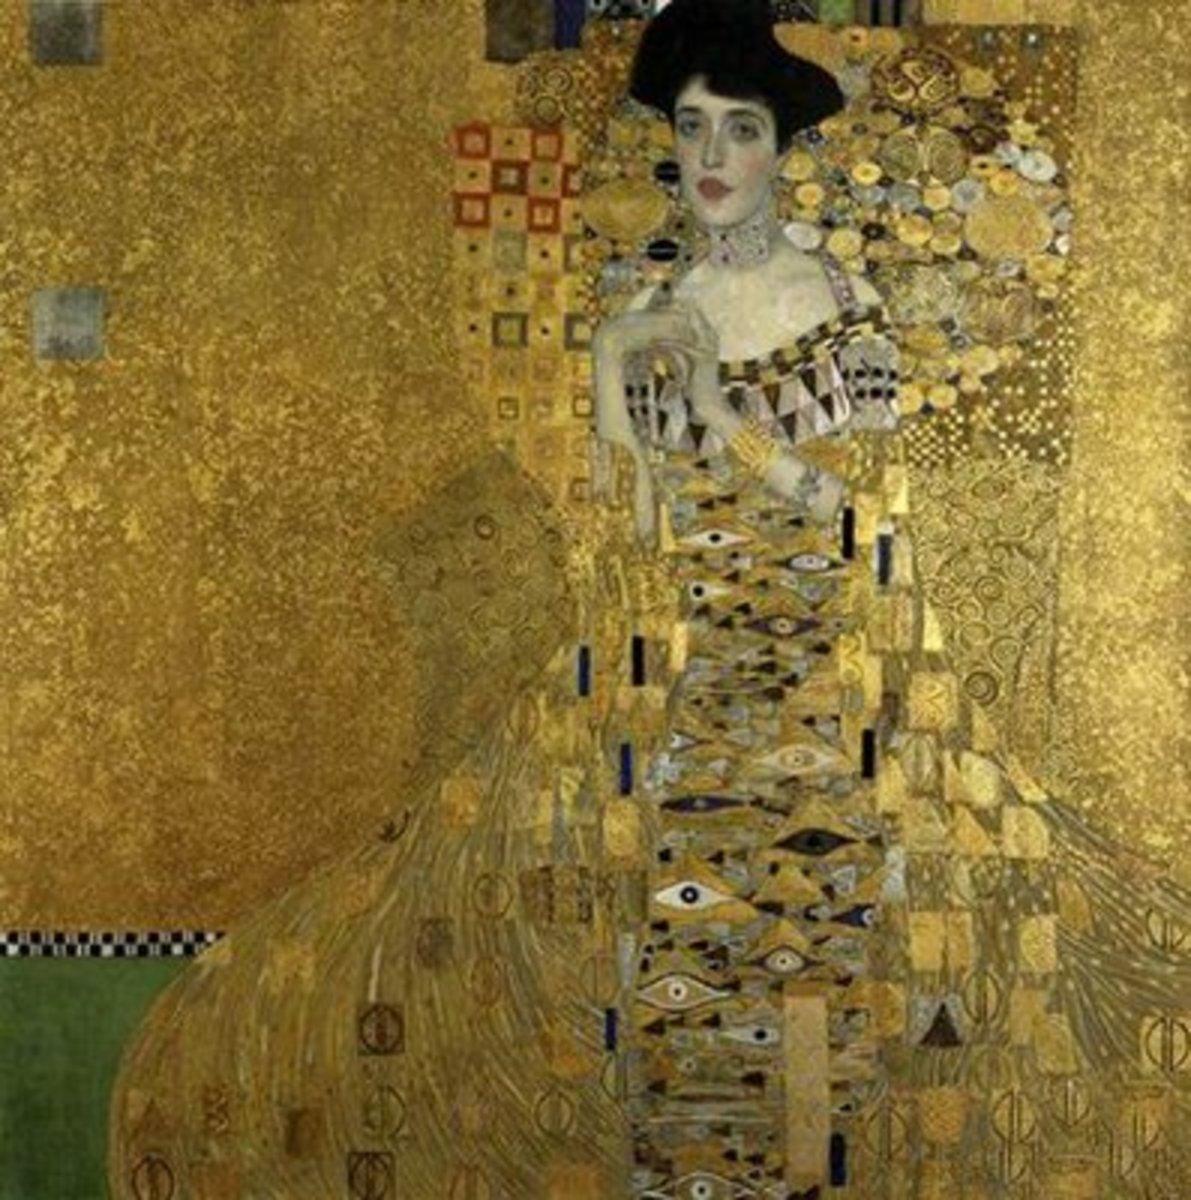 3. Gustav Klimt - Portrait of Adele Bloch-Bauer - $135,000,000